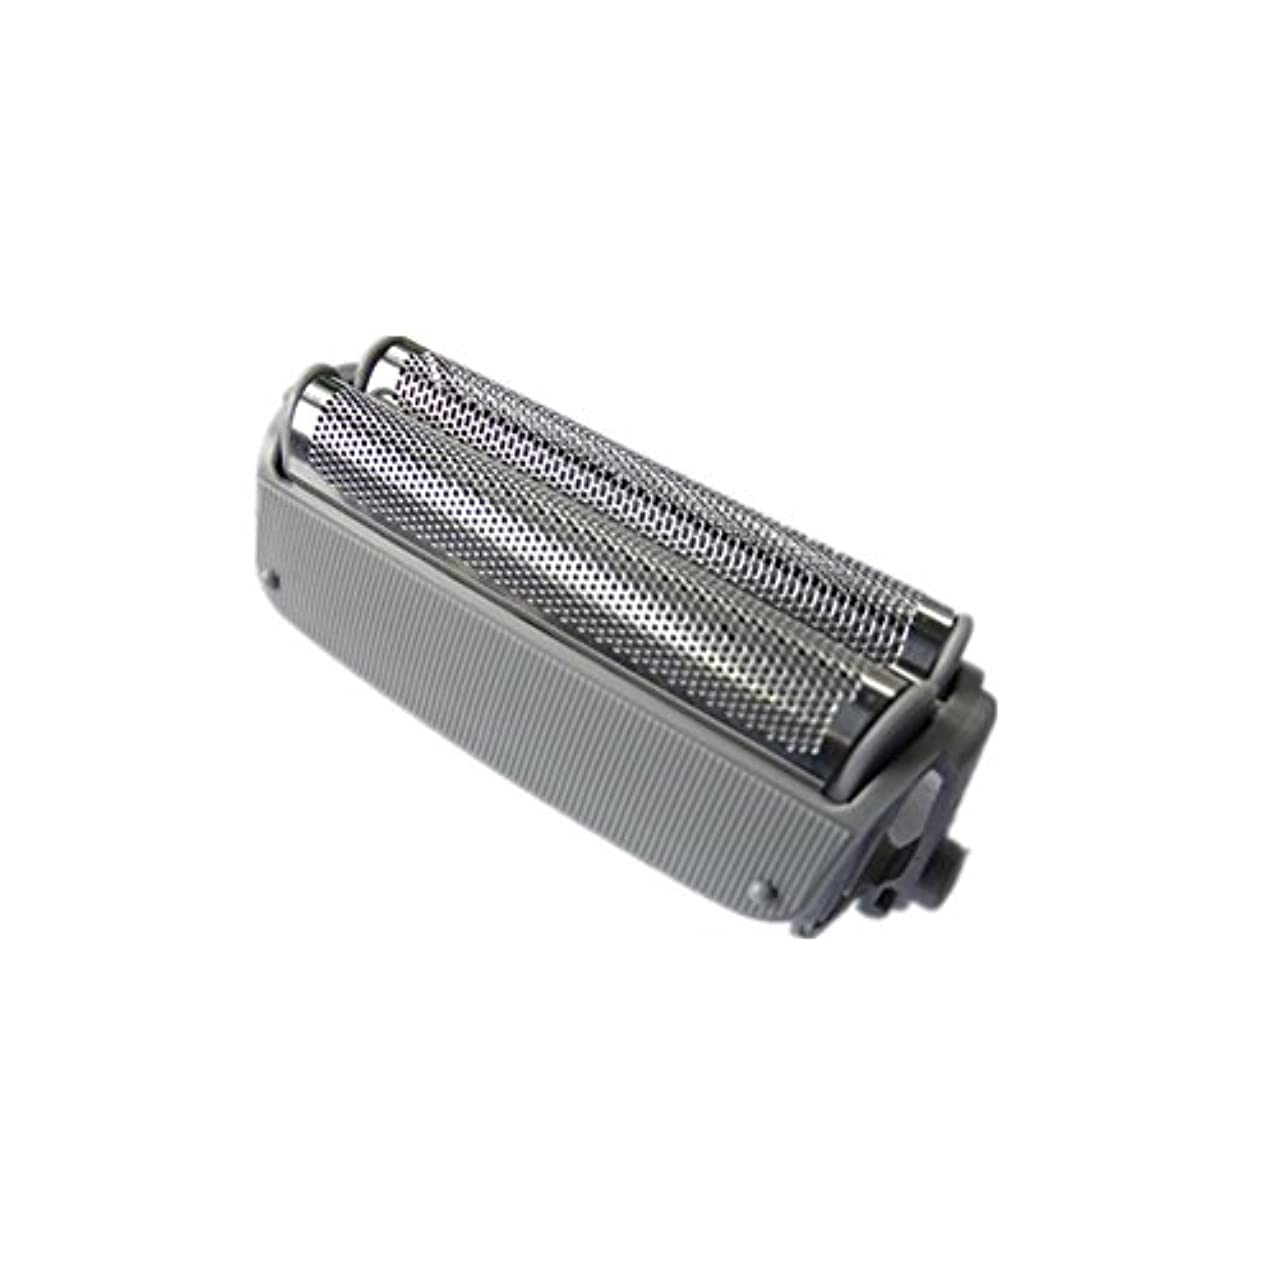 震え合金登録するHZjundasi Replacement Shaver Outer ホイル for Panasonic?ES4033/4035/4036/4027/RW30